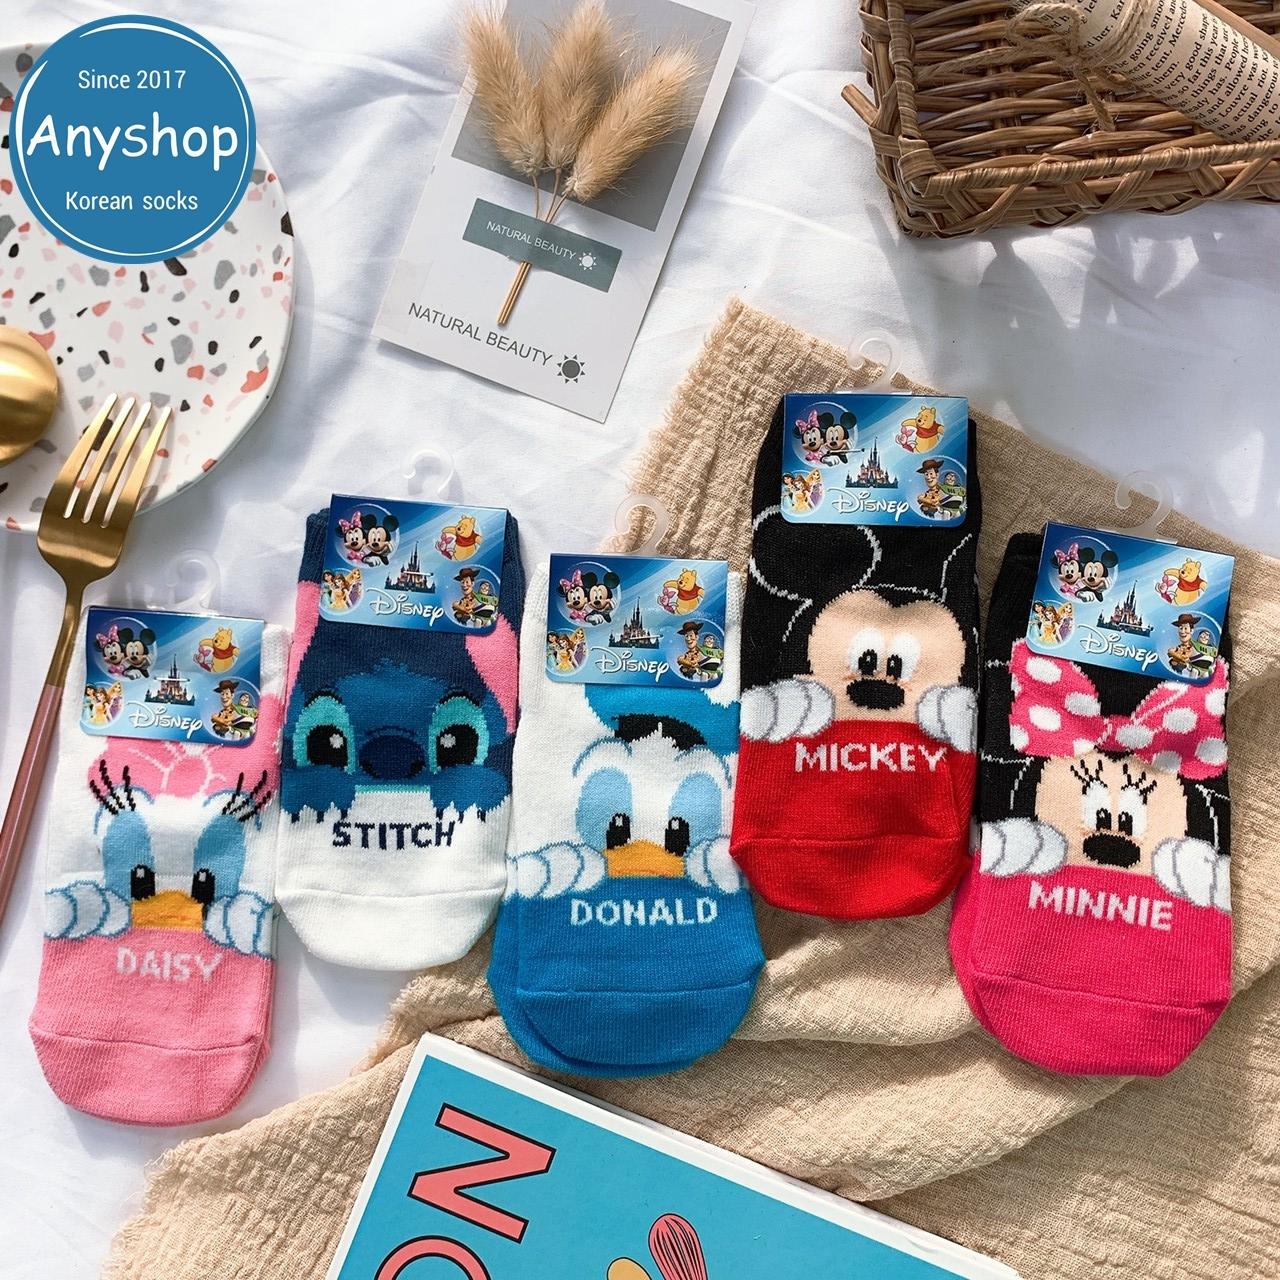 韓國襪-[Anyshop]迪士尼經典人物兒童襪